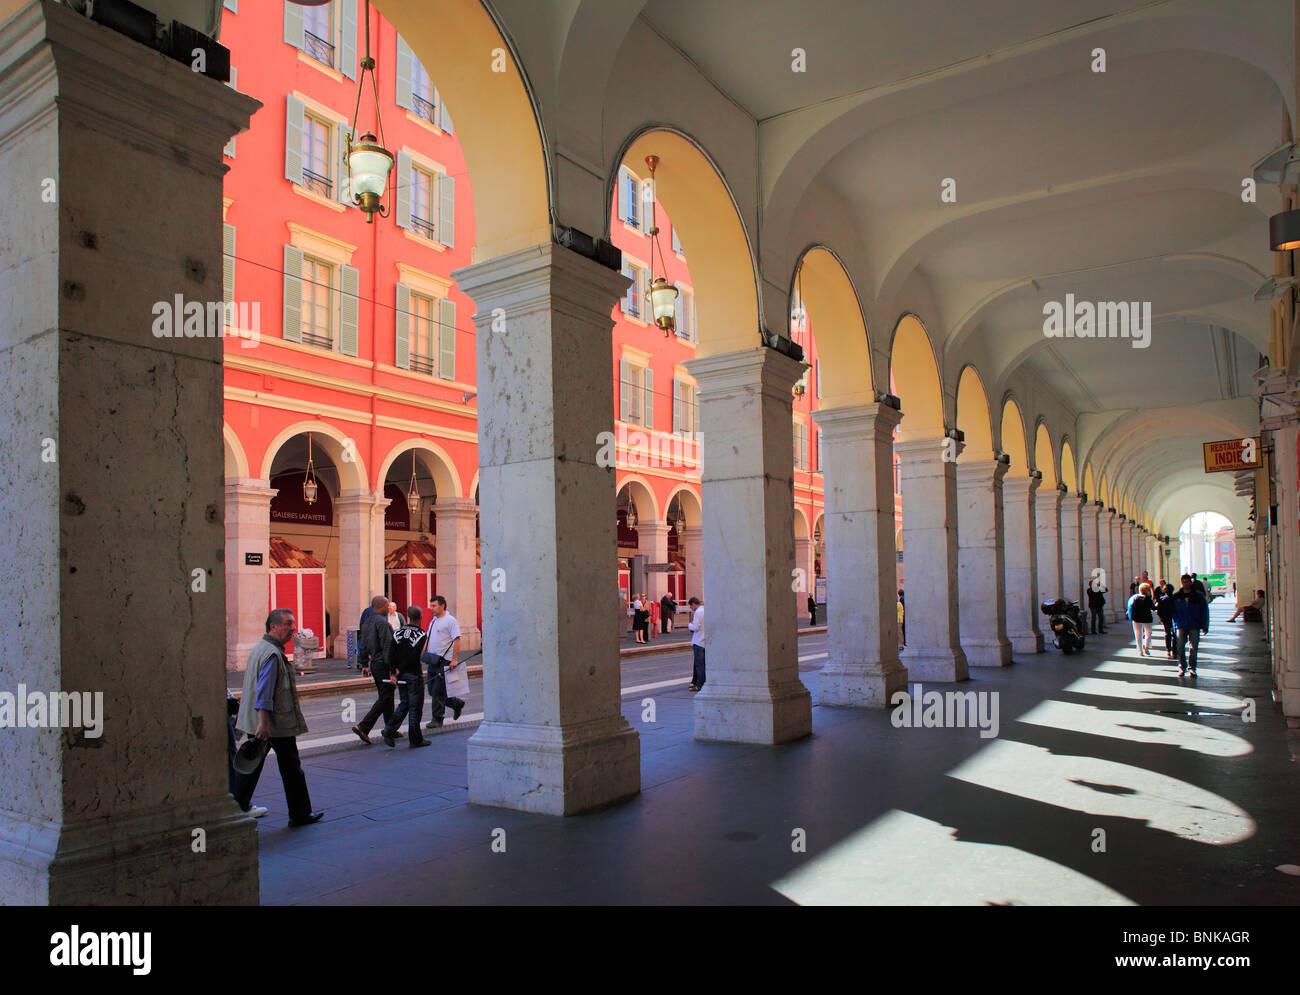 Scena di strada nel centro di Nizza sulla Costa Azzurra (Cote d'Azur) Immagini Stock